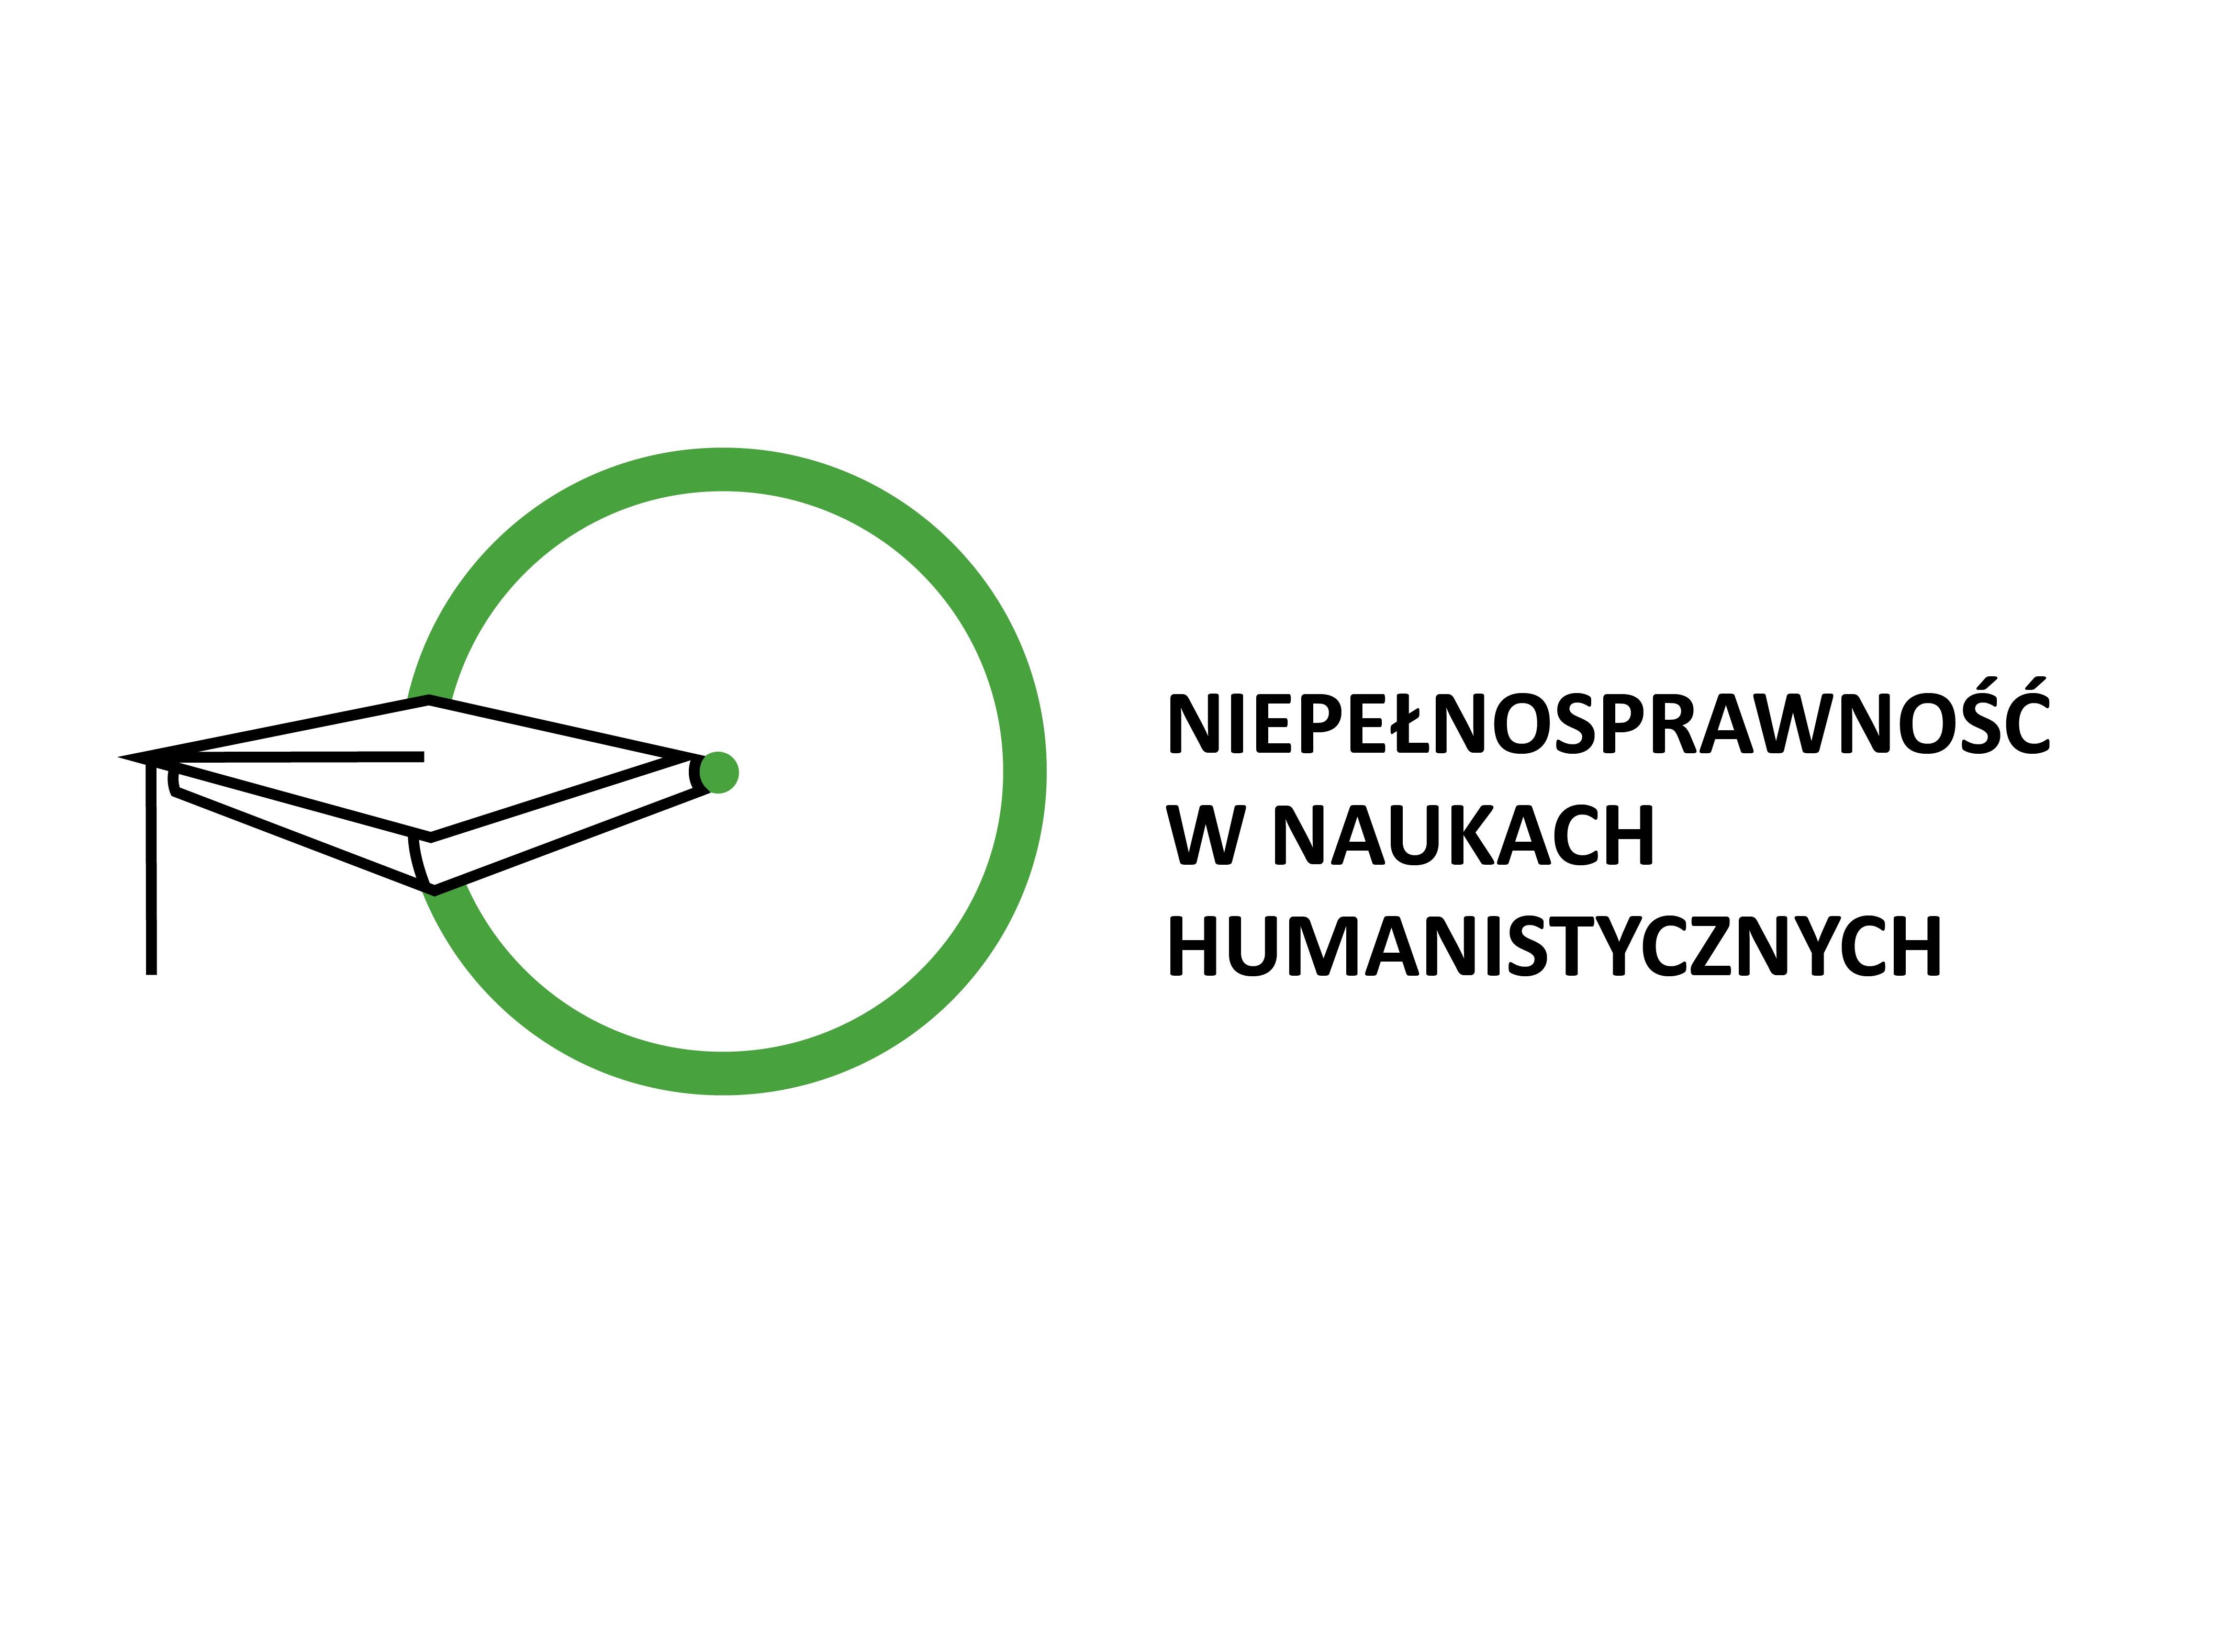 """Ogłoszenie z dnia 7 maja 2021 r. drugiego otwartego konkursu pt. """"Niepełnosprawność w naukach humanistycznych"""" na finansowanie badań, ekspertyz i analiz"""